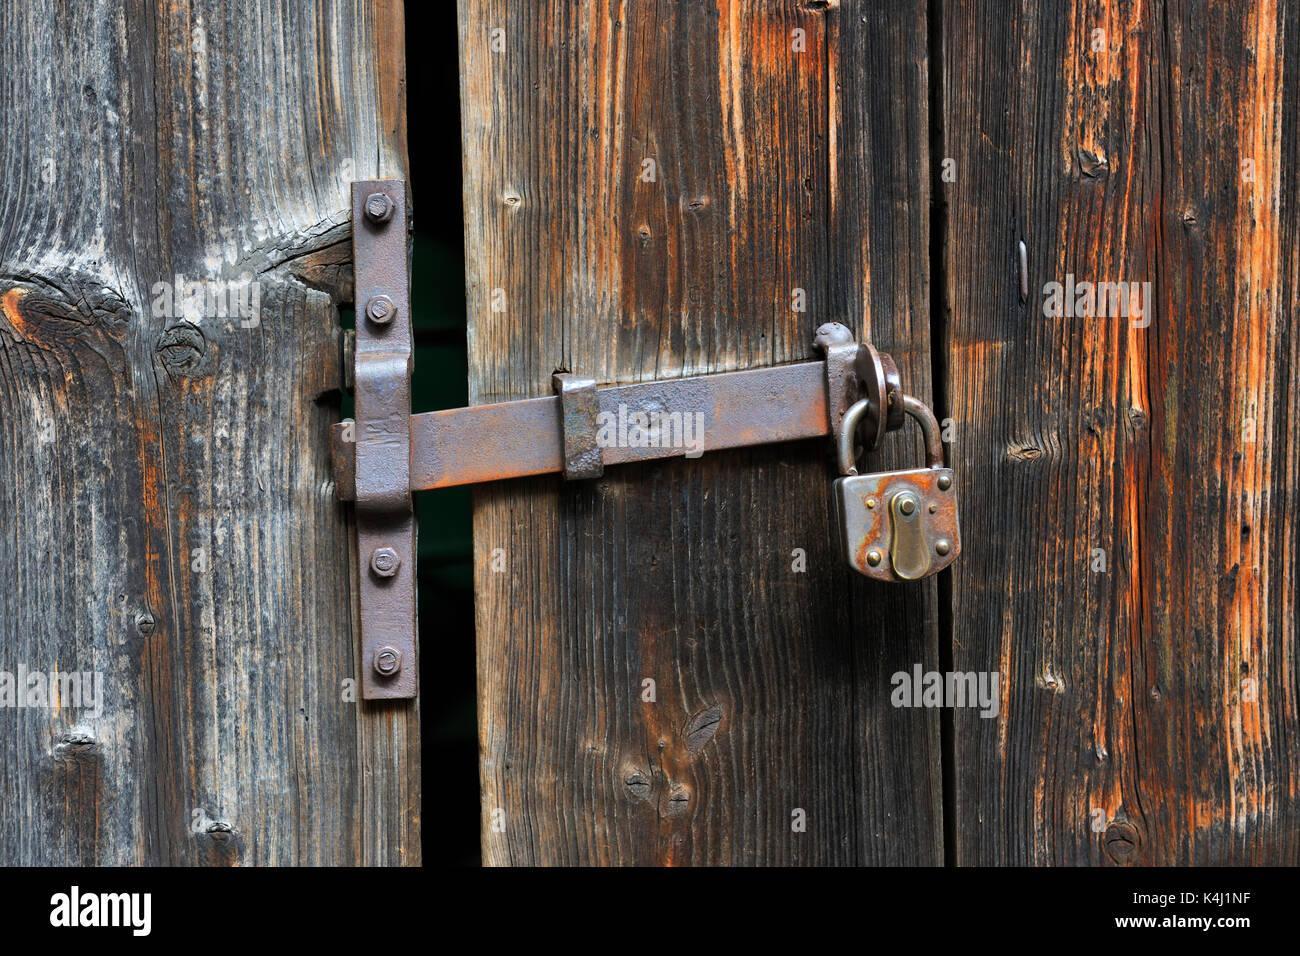 Door Lock Stock Photos & Door Lock Stock Images - Alamy